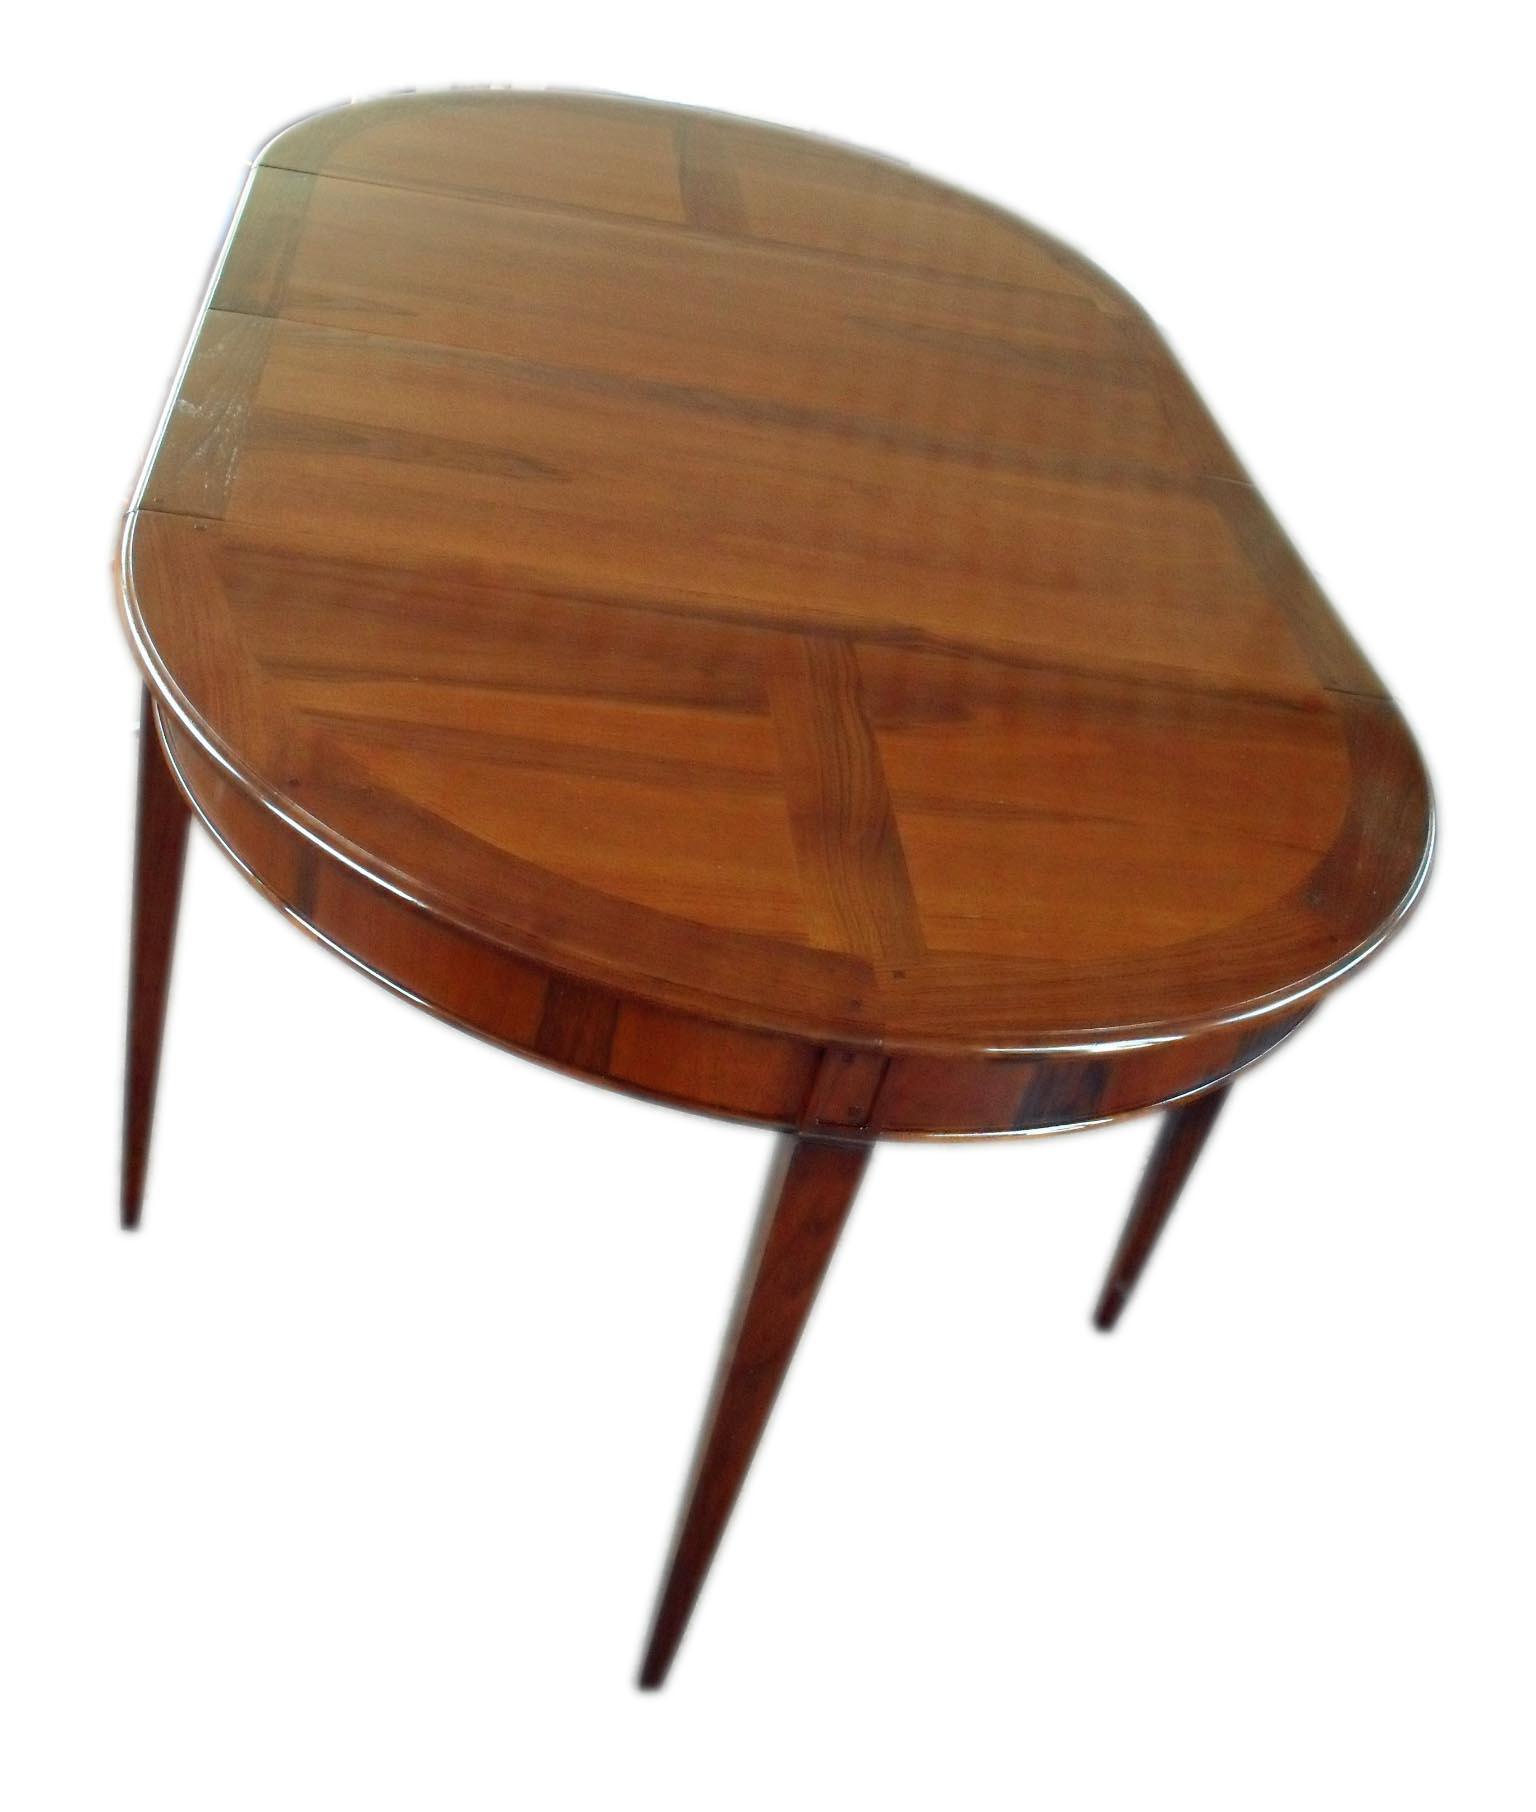 Tavolo consolle mezzaluna allungabile classico la - Tavolo consolle allungabile stile classico ...